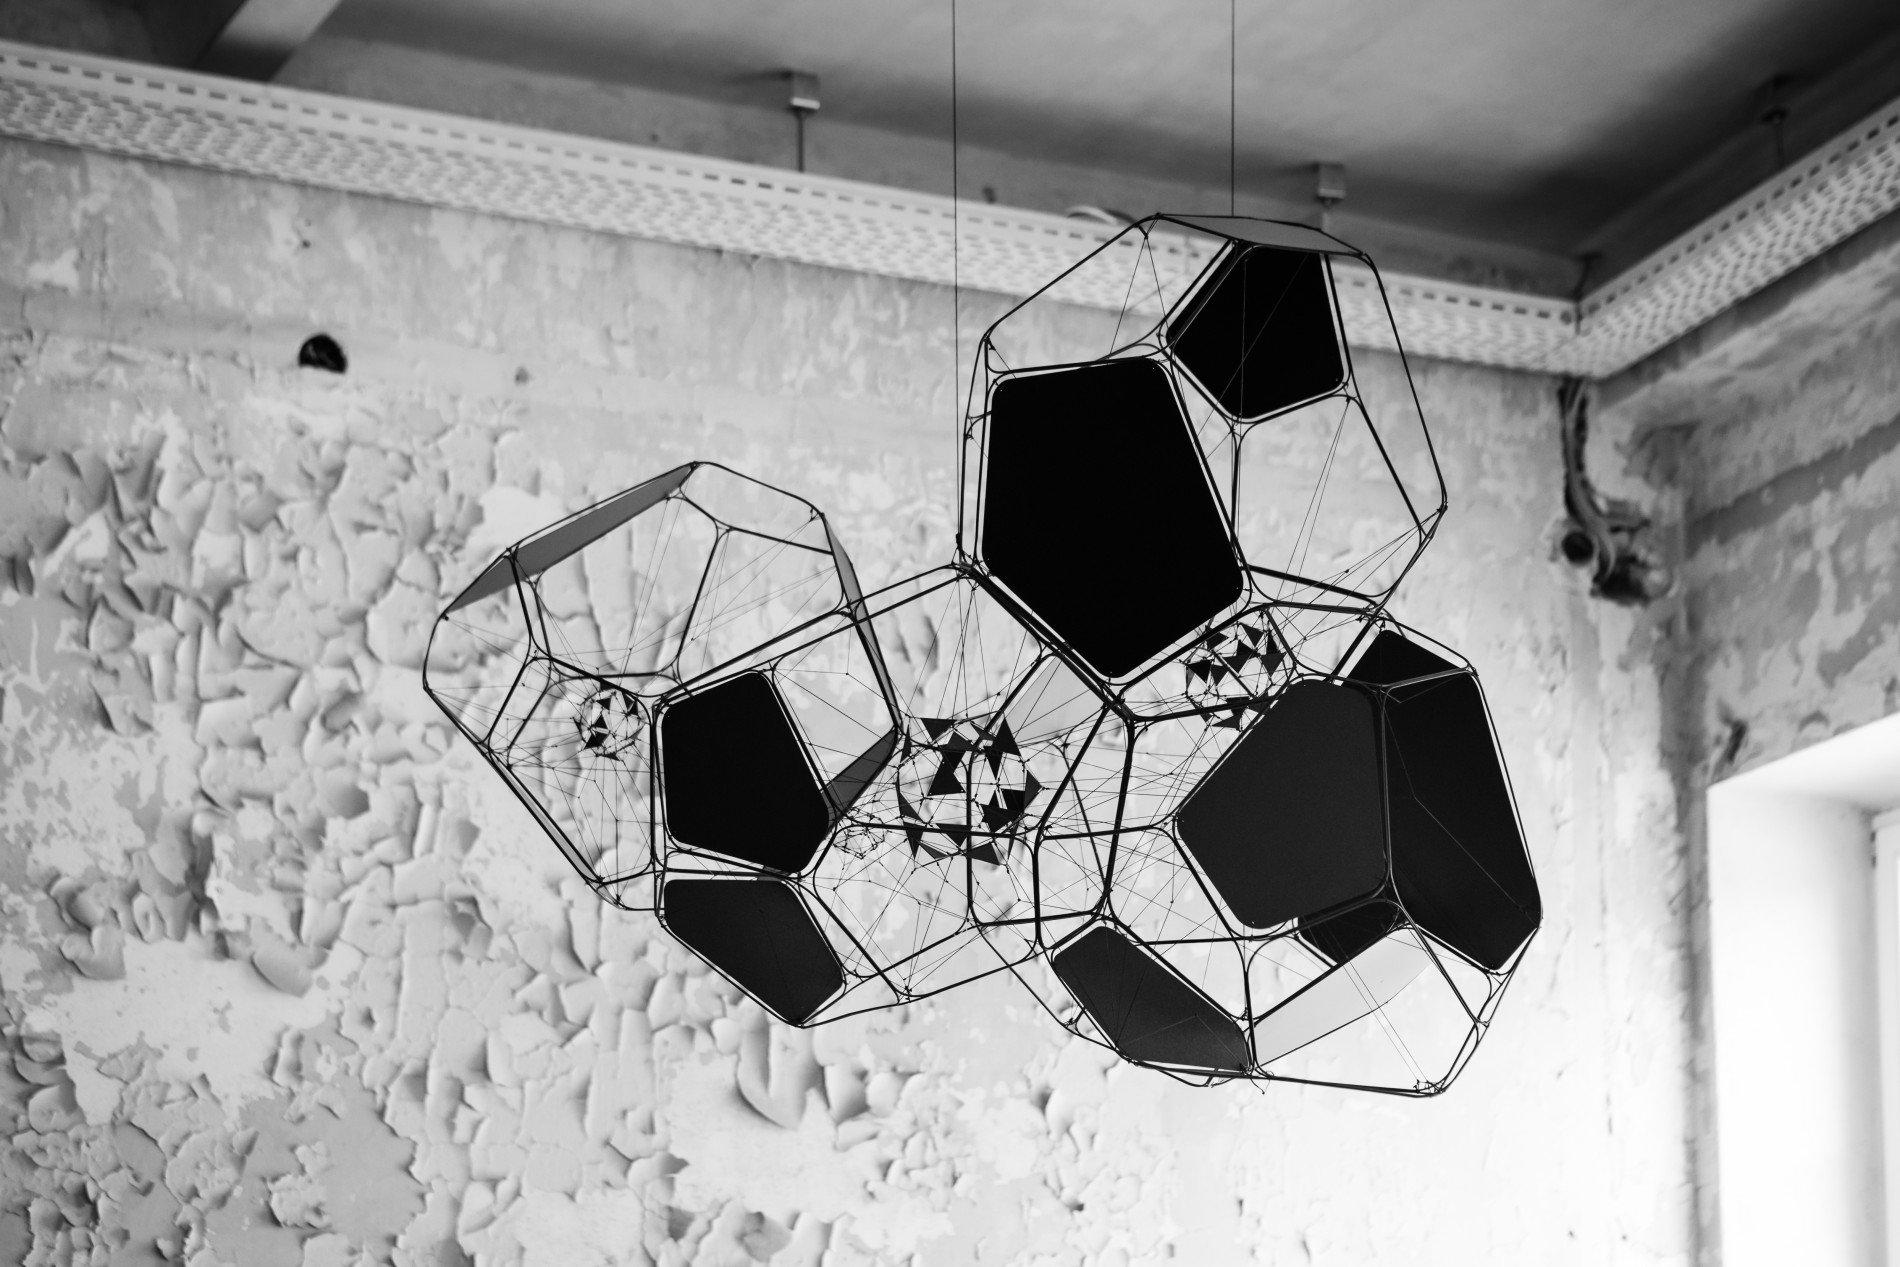 Audemars Piguet presenta Albedo, la nueva obra de arte de Tomás Saraceno para Aeroceno en Art Basel Miami